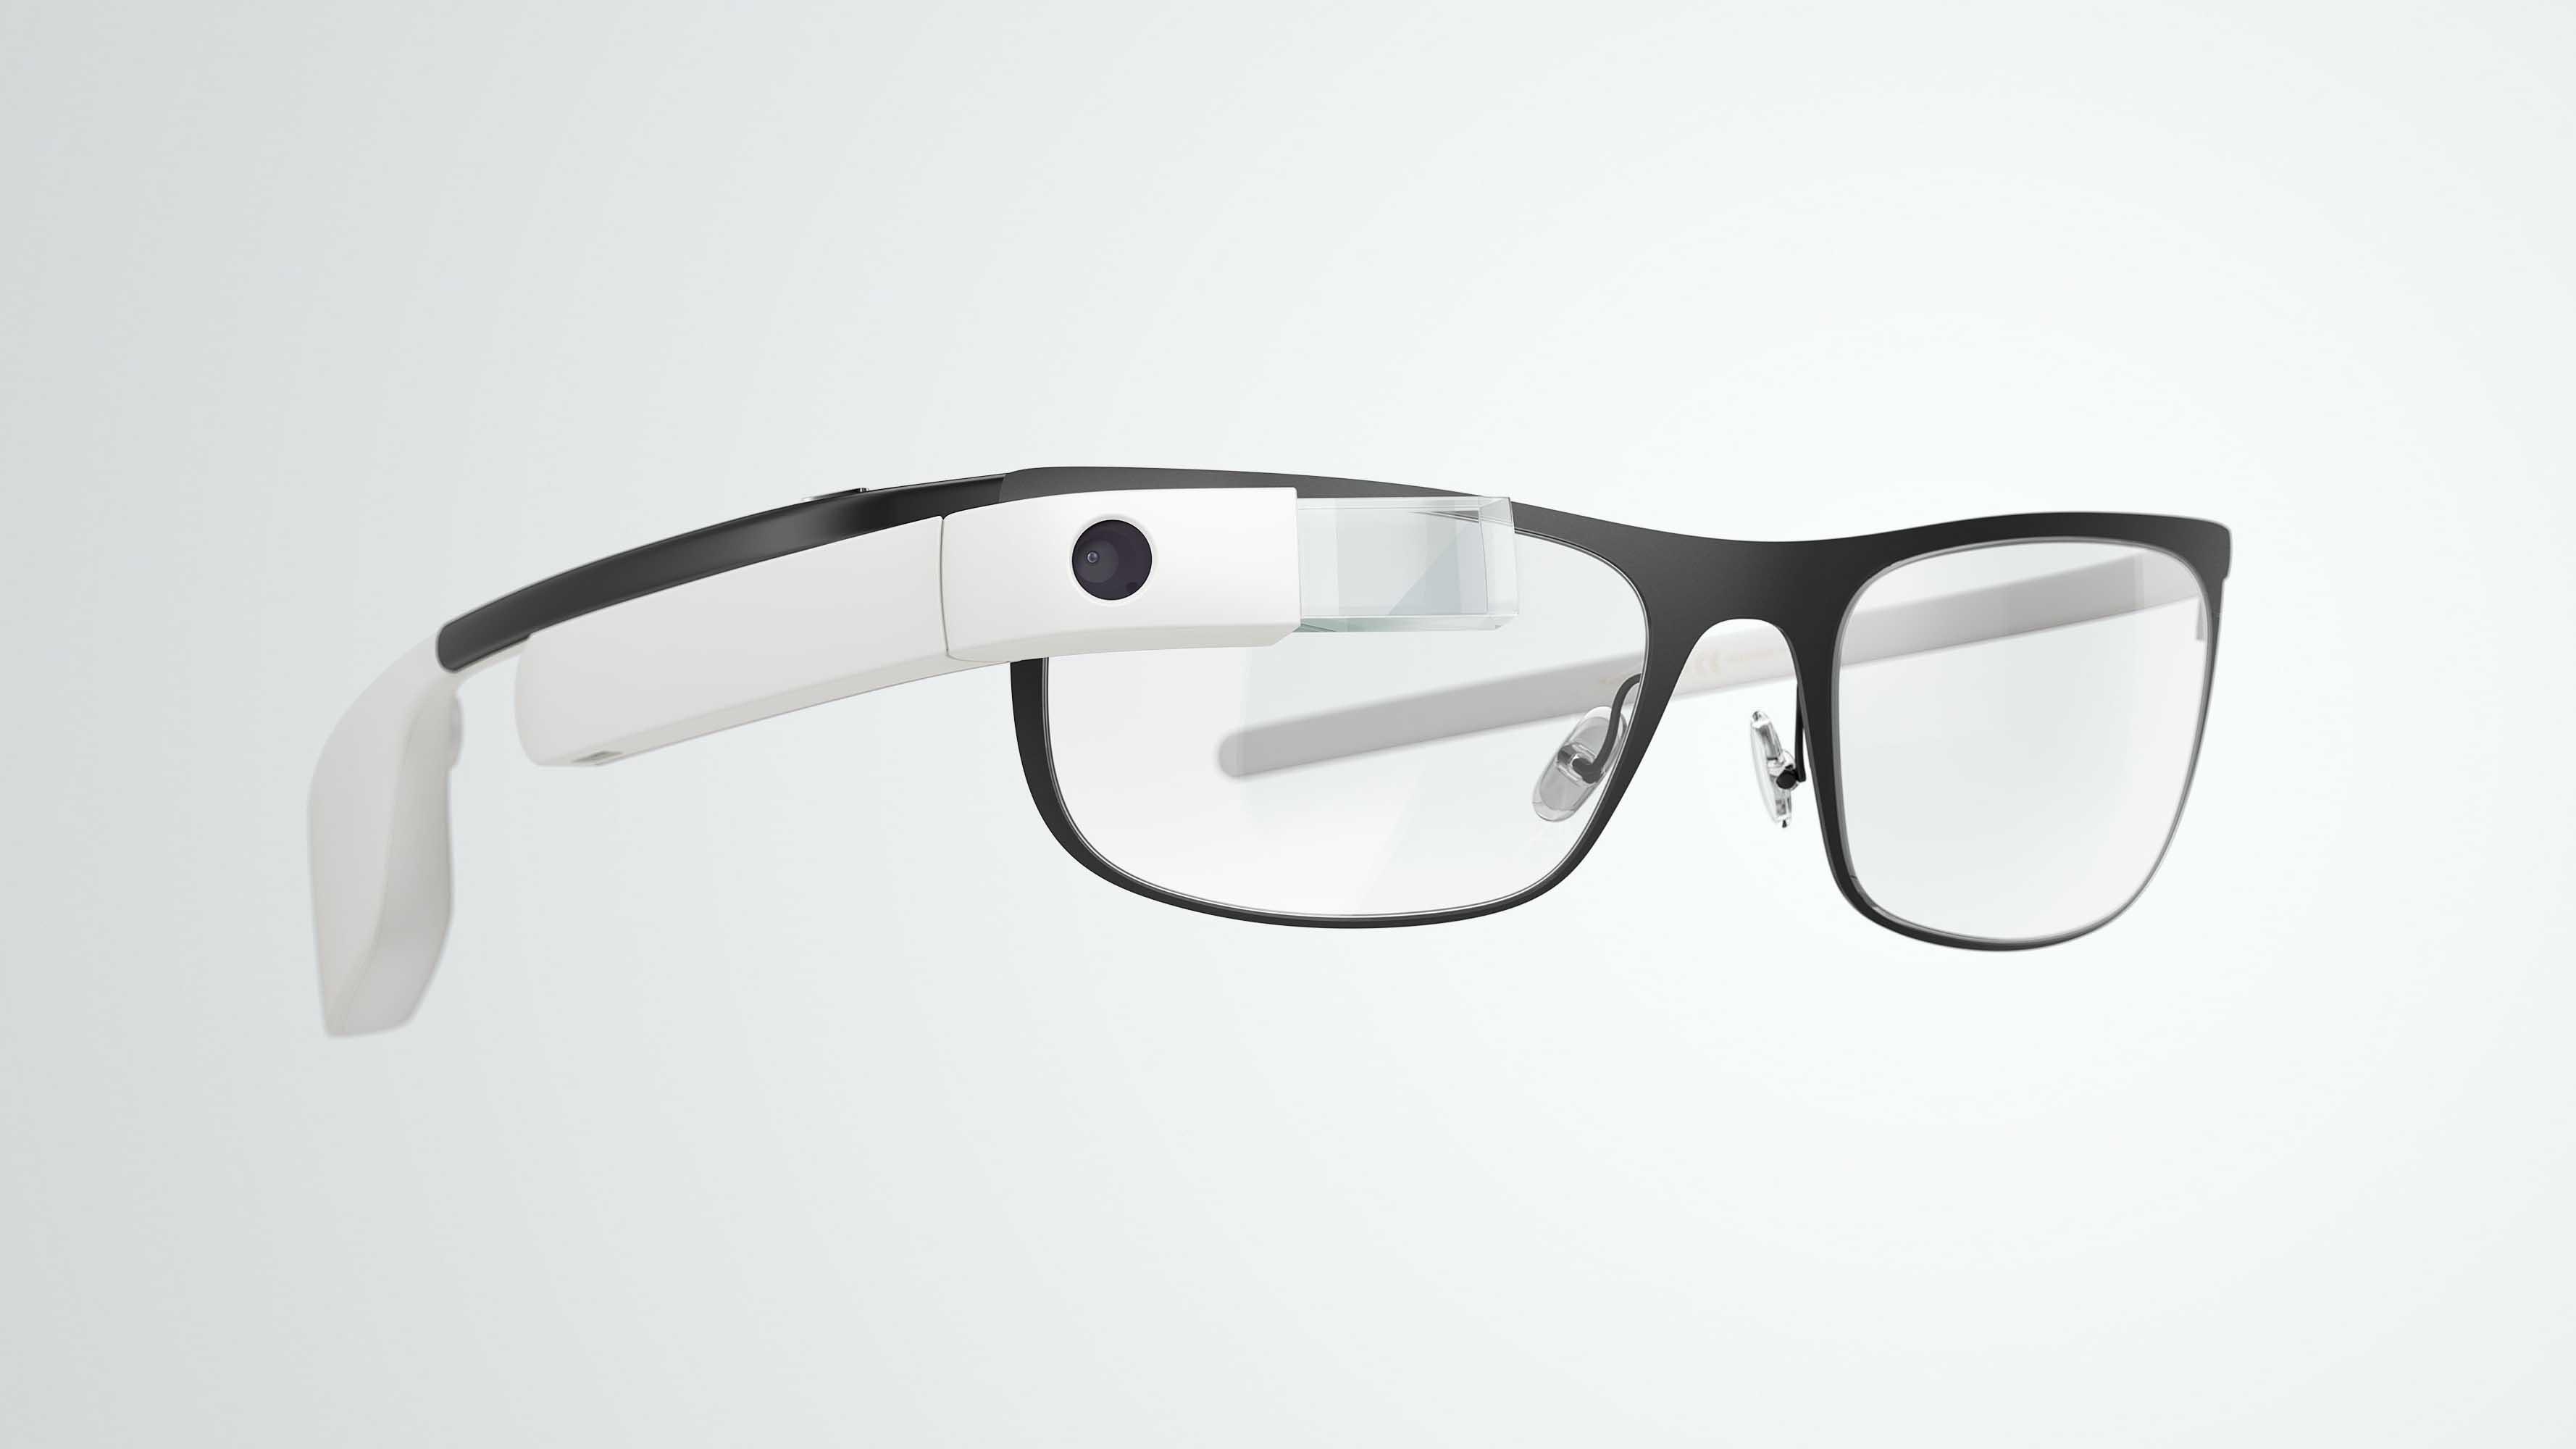 Empresas como DHL, General Electric, Opel, Samsung y Volkswagen ya utilizan los Google Glass